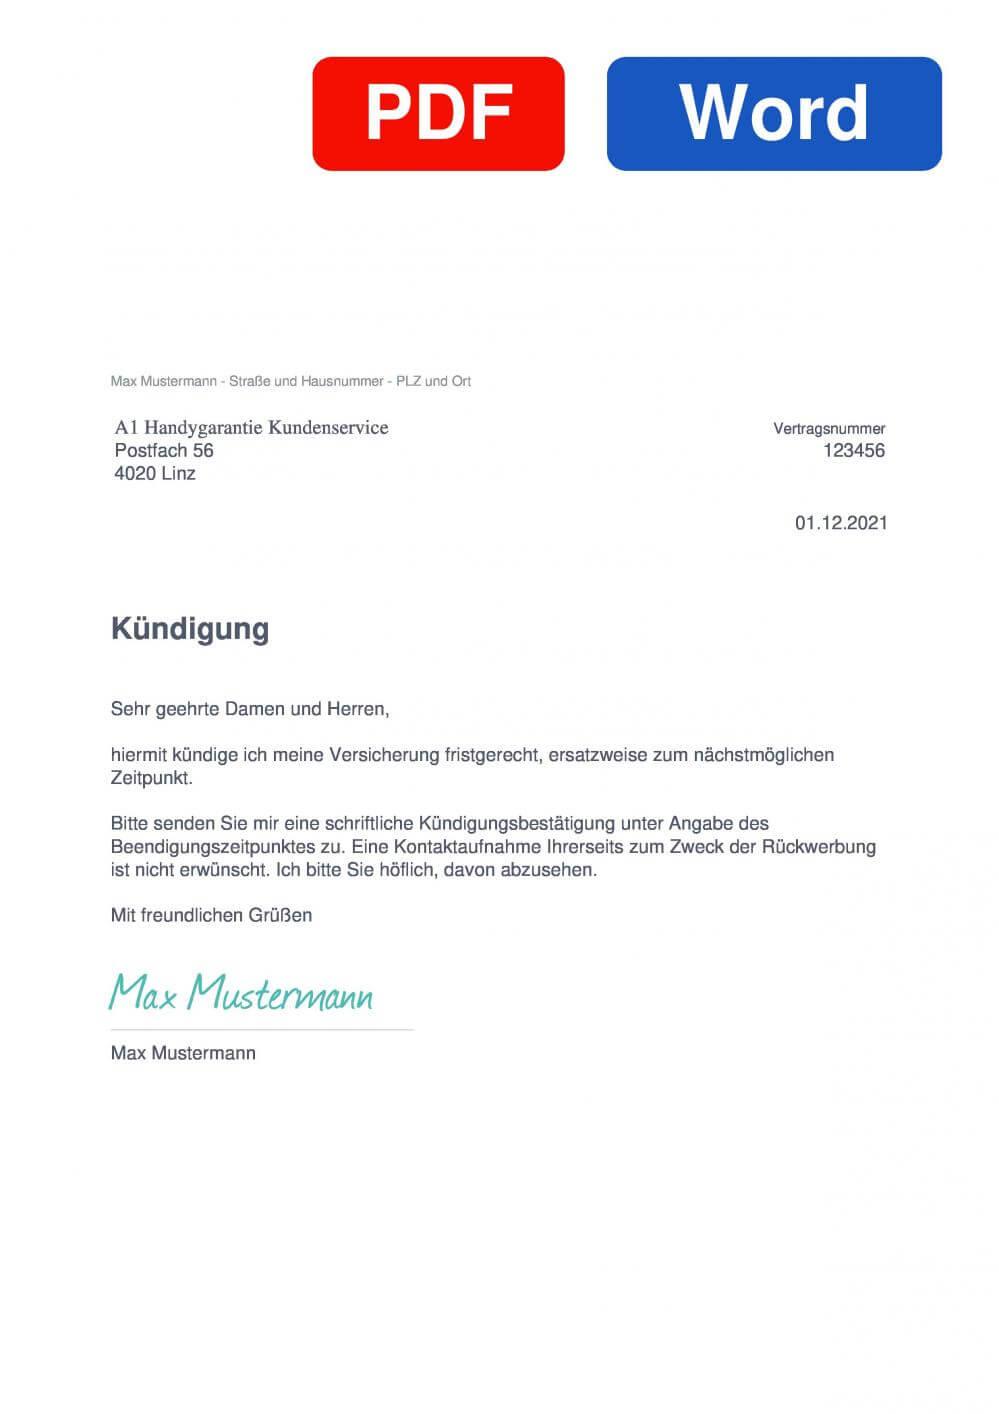 A1 Handygarantie Muster Vorlage für Kündigungsschreiben